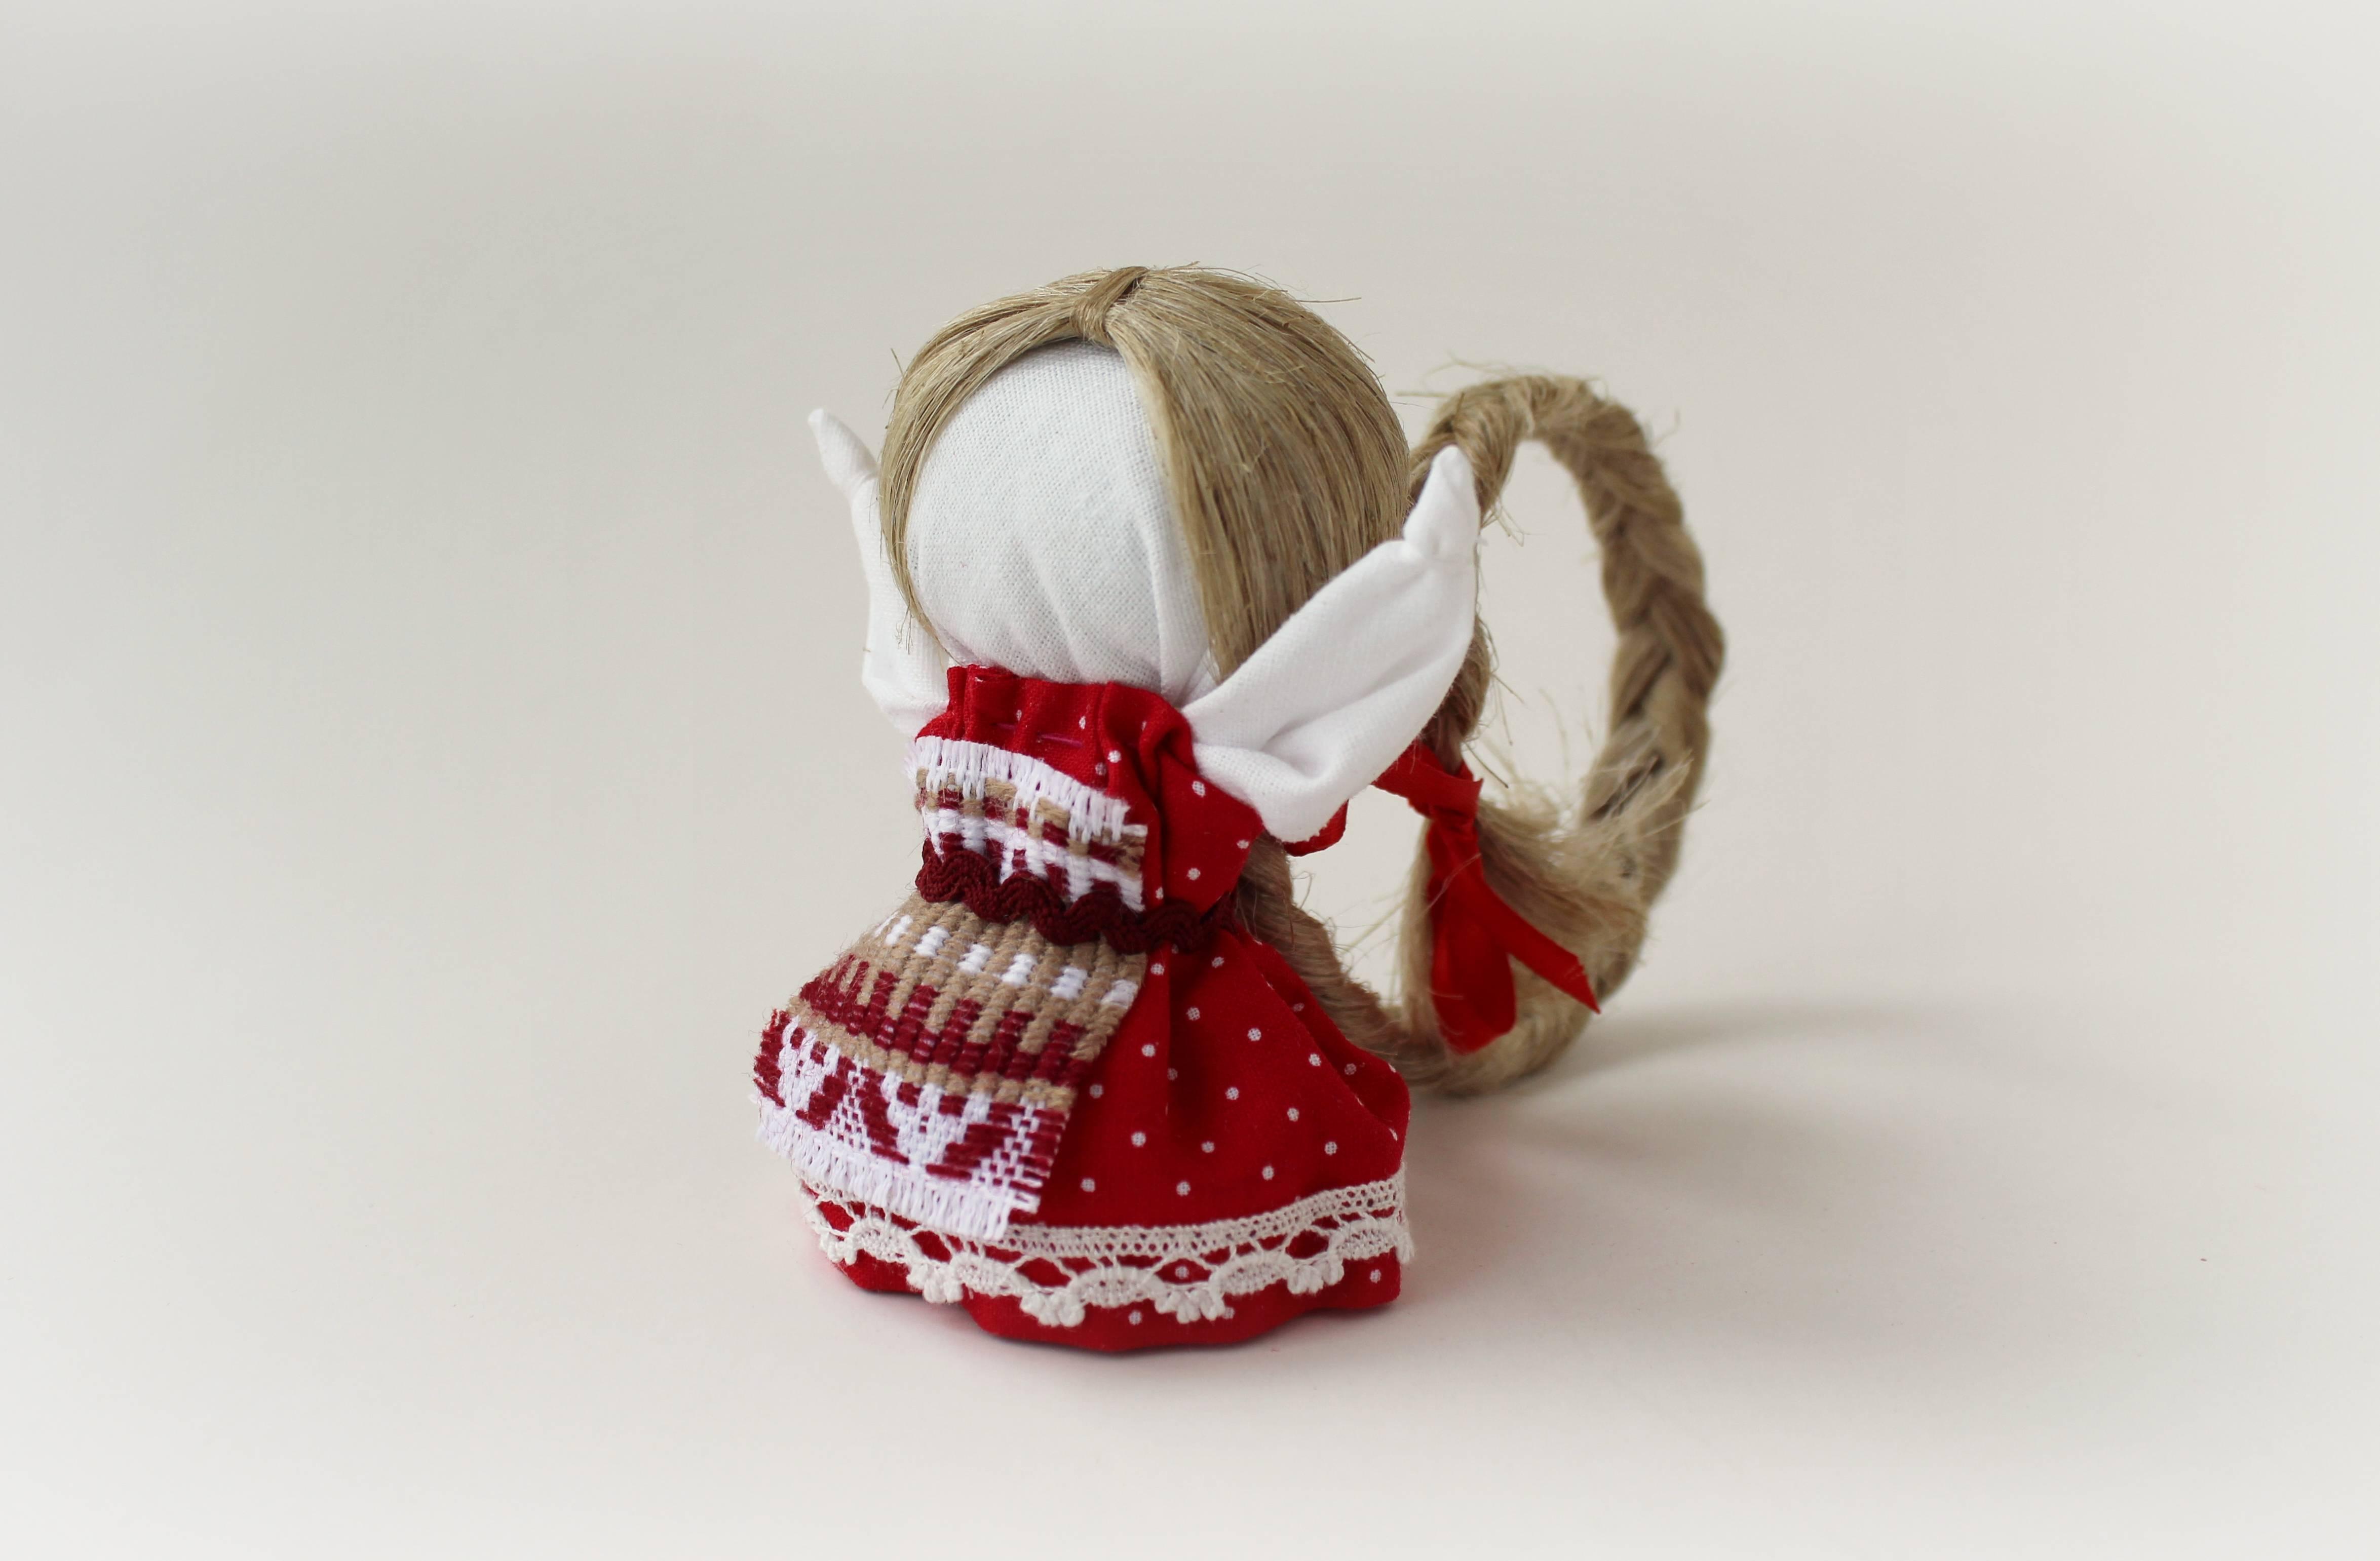 Кукла оберег благополучница (денежница): мастер класс по изготовлению своими руками для хозяюшек с монеткой внутри, чтобы дом был полной чашей